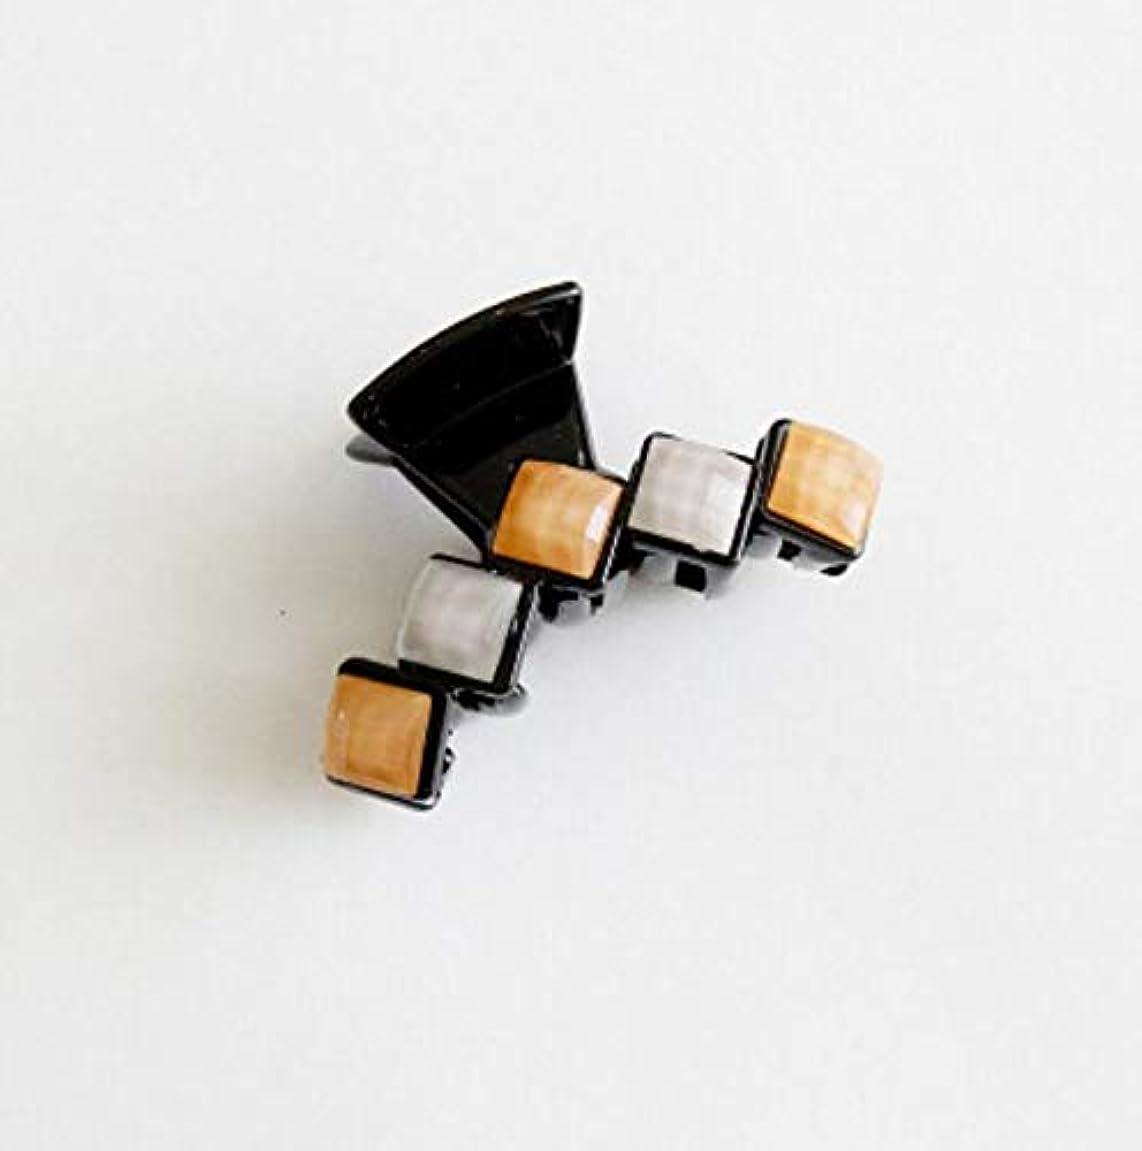 カイウス抽出スチュワーデスHuaQingPiJu-JP 1Pc DIYマジックヘア女性の女の子ヘアピンヘアクリップディナーパーティーヘアスタイルツールアクセサリー(オレンジ)